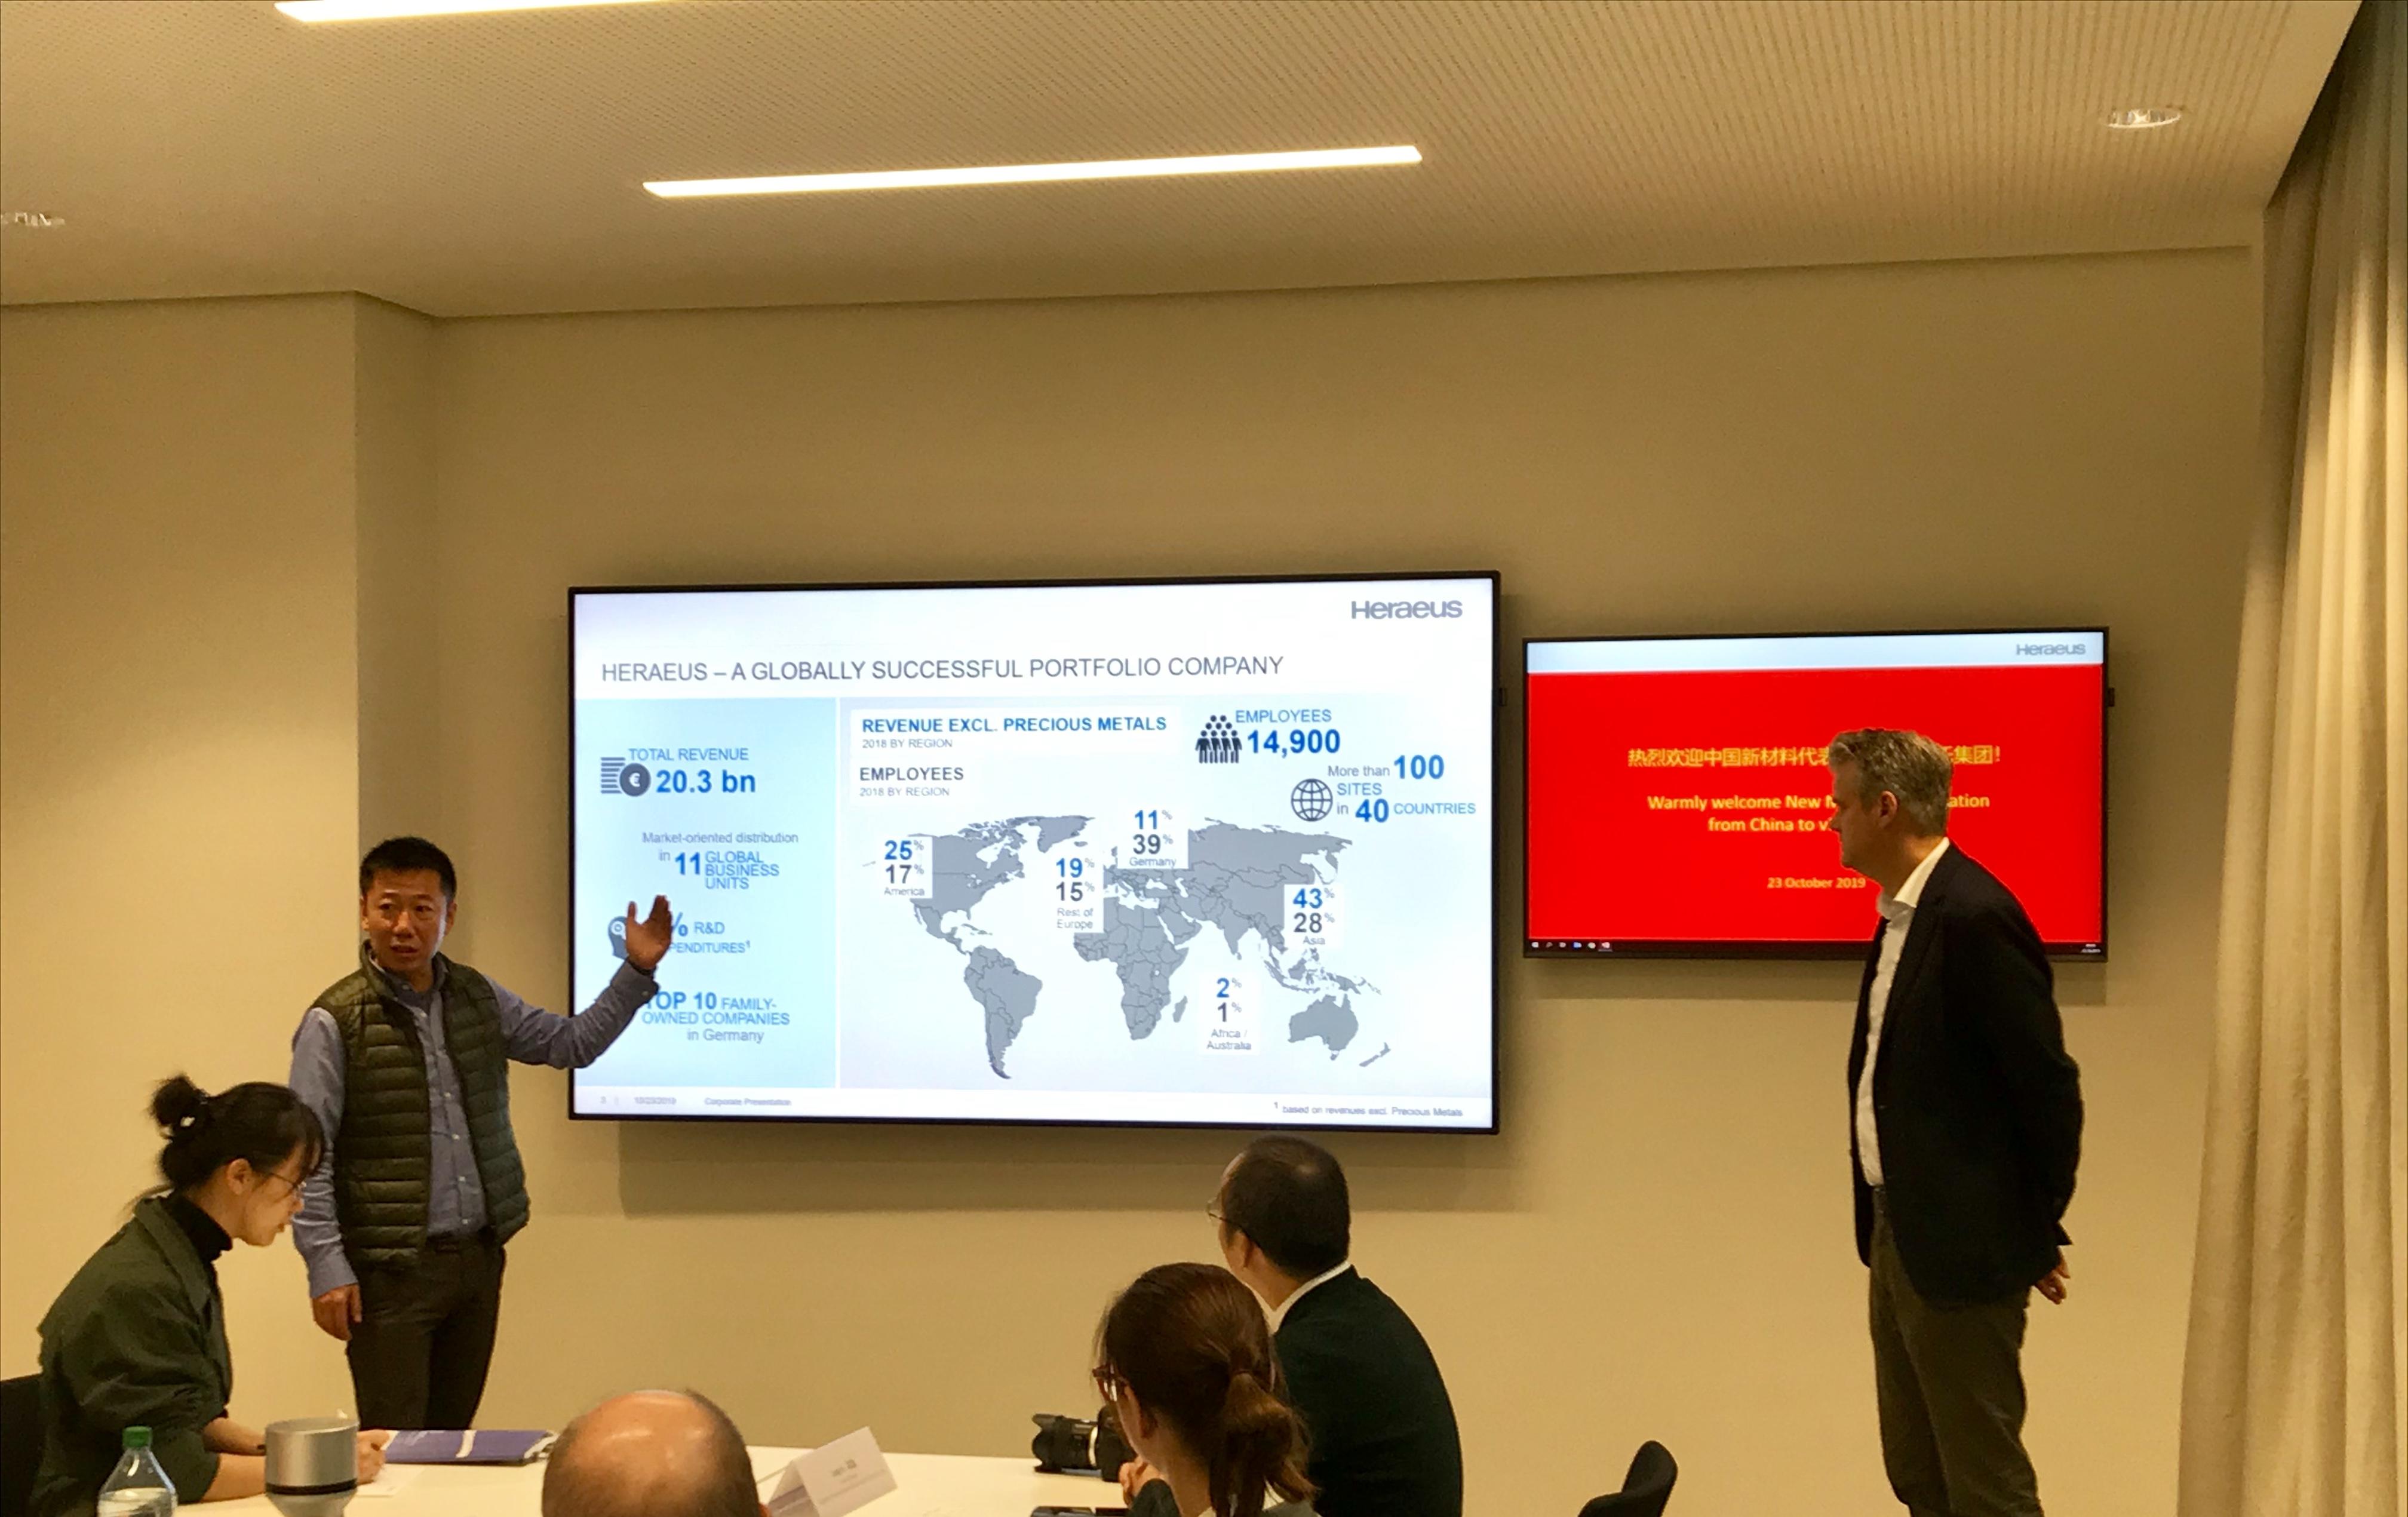 VP Tore Prang (rechts, links der Übersetzer) erläutert das Unternehmensspektrum und speziell die Chinakontakte